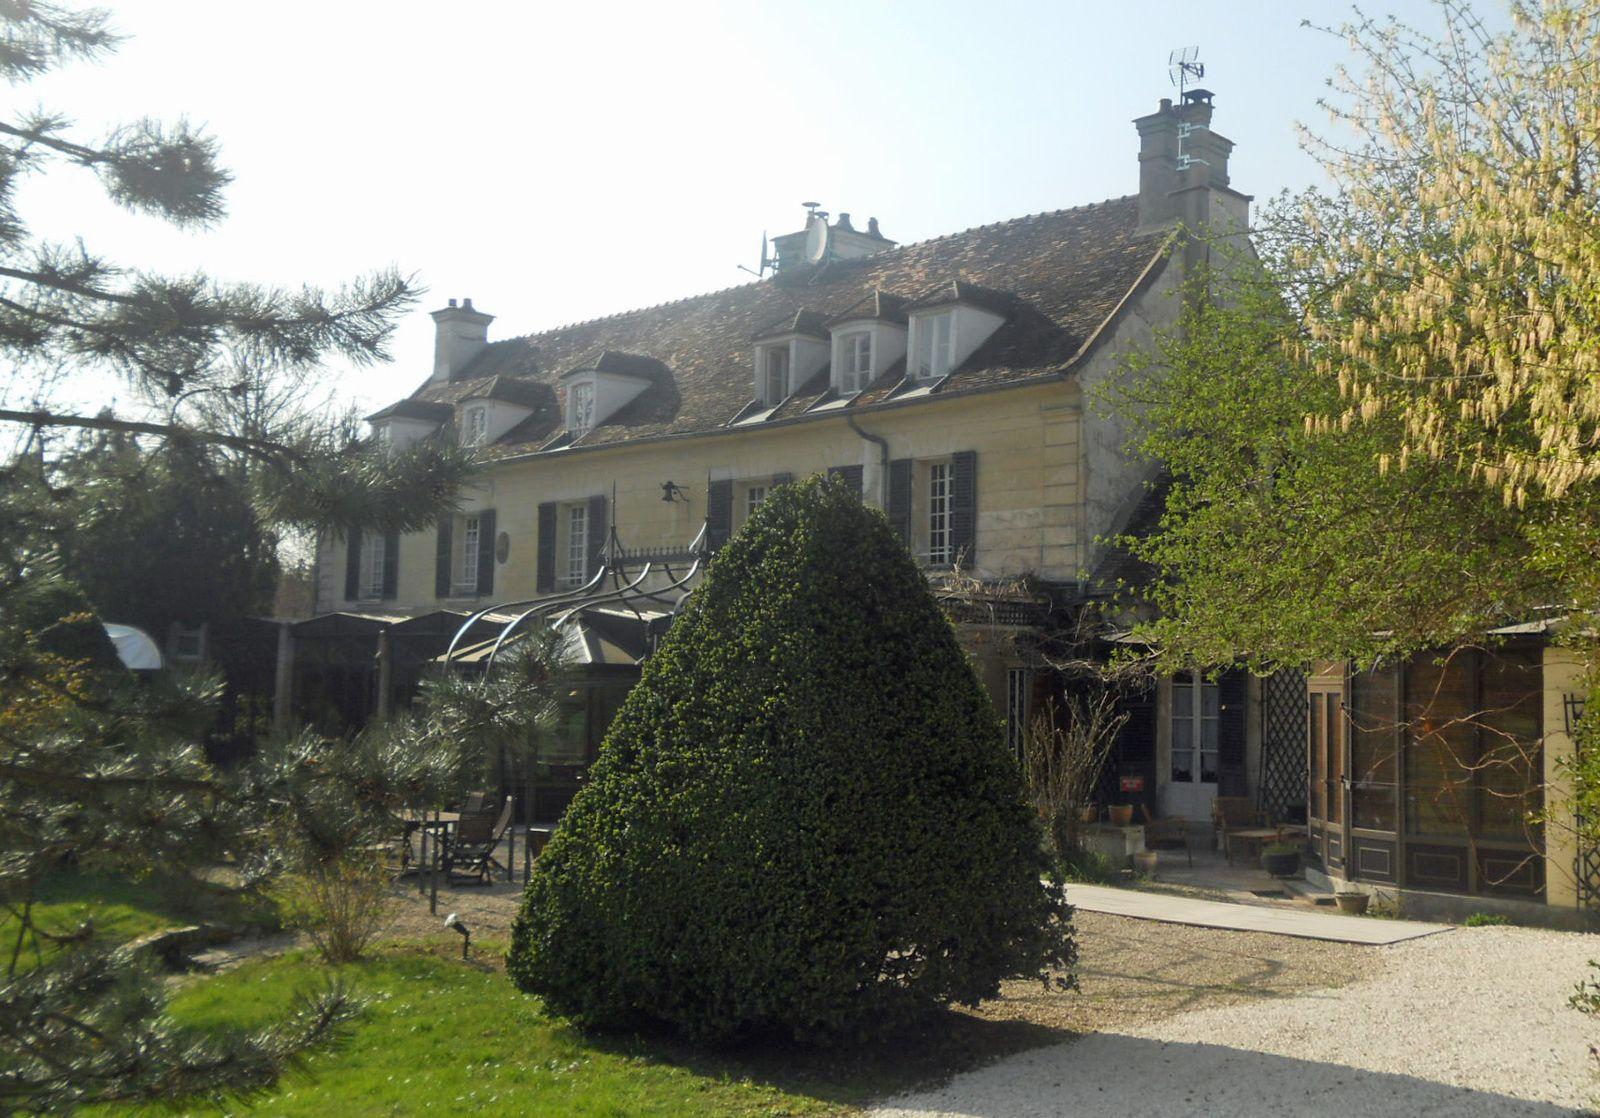 un hôtel à Varennes-Jarcy